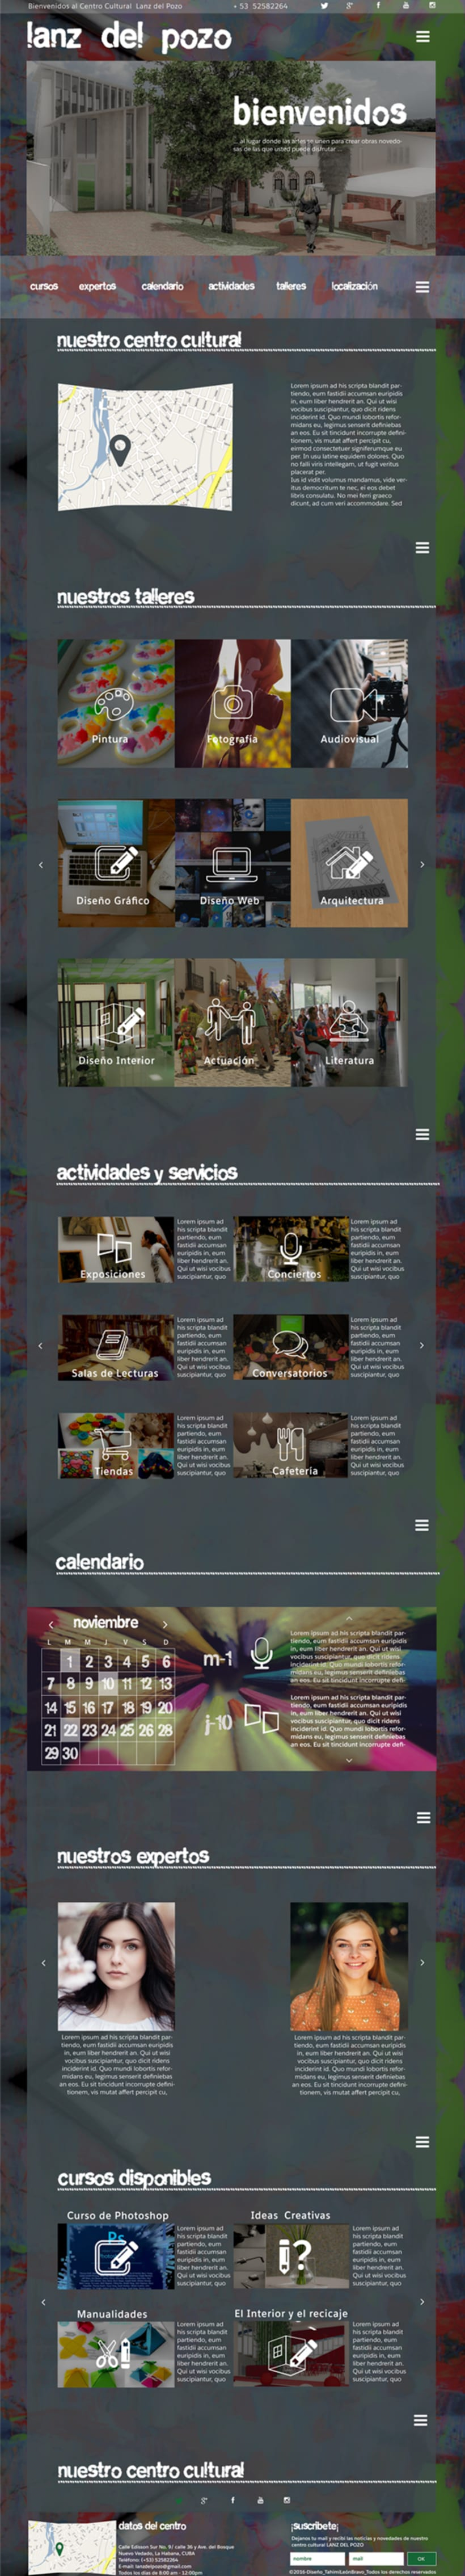 Diseño web para centro cultural Lanz del Pozo -1